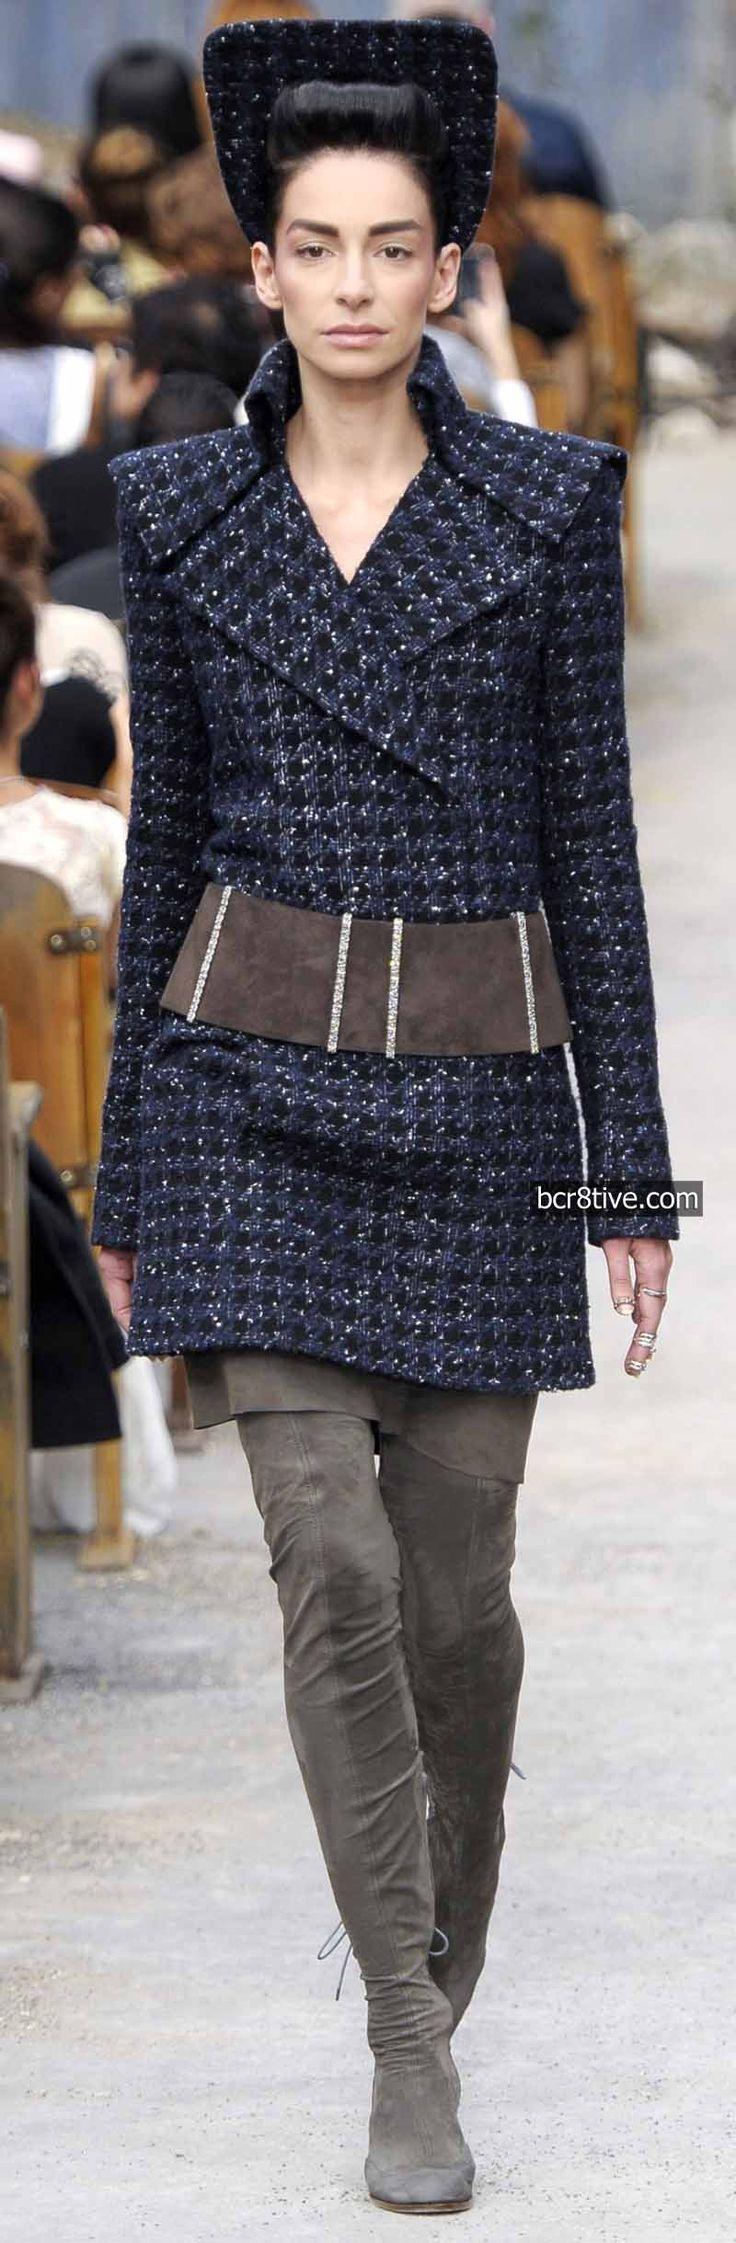 Chanel Fall Winter 2013-14 Haute Couture